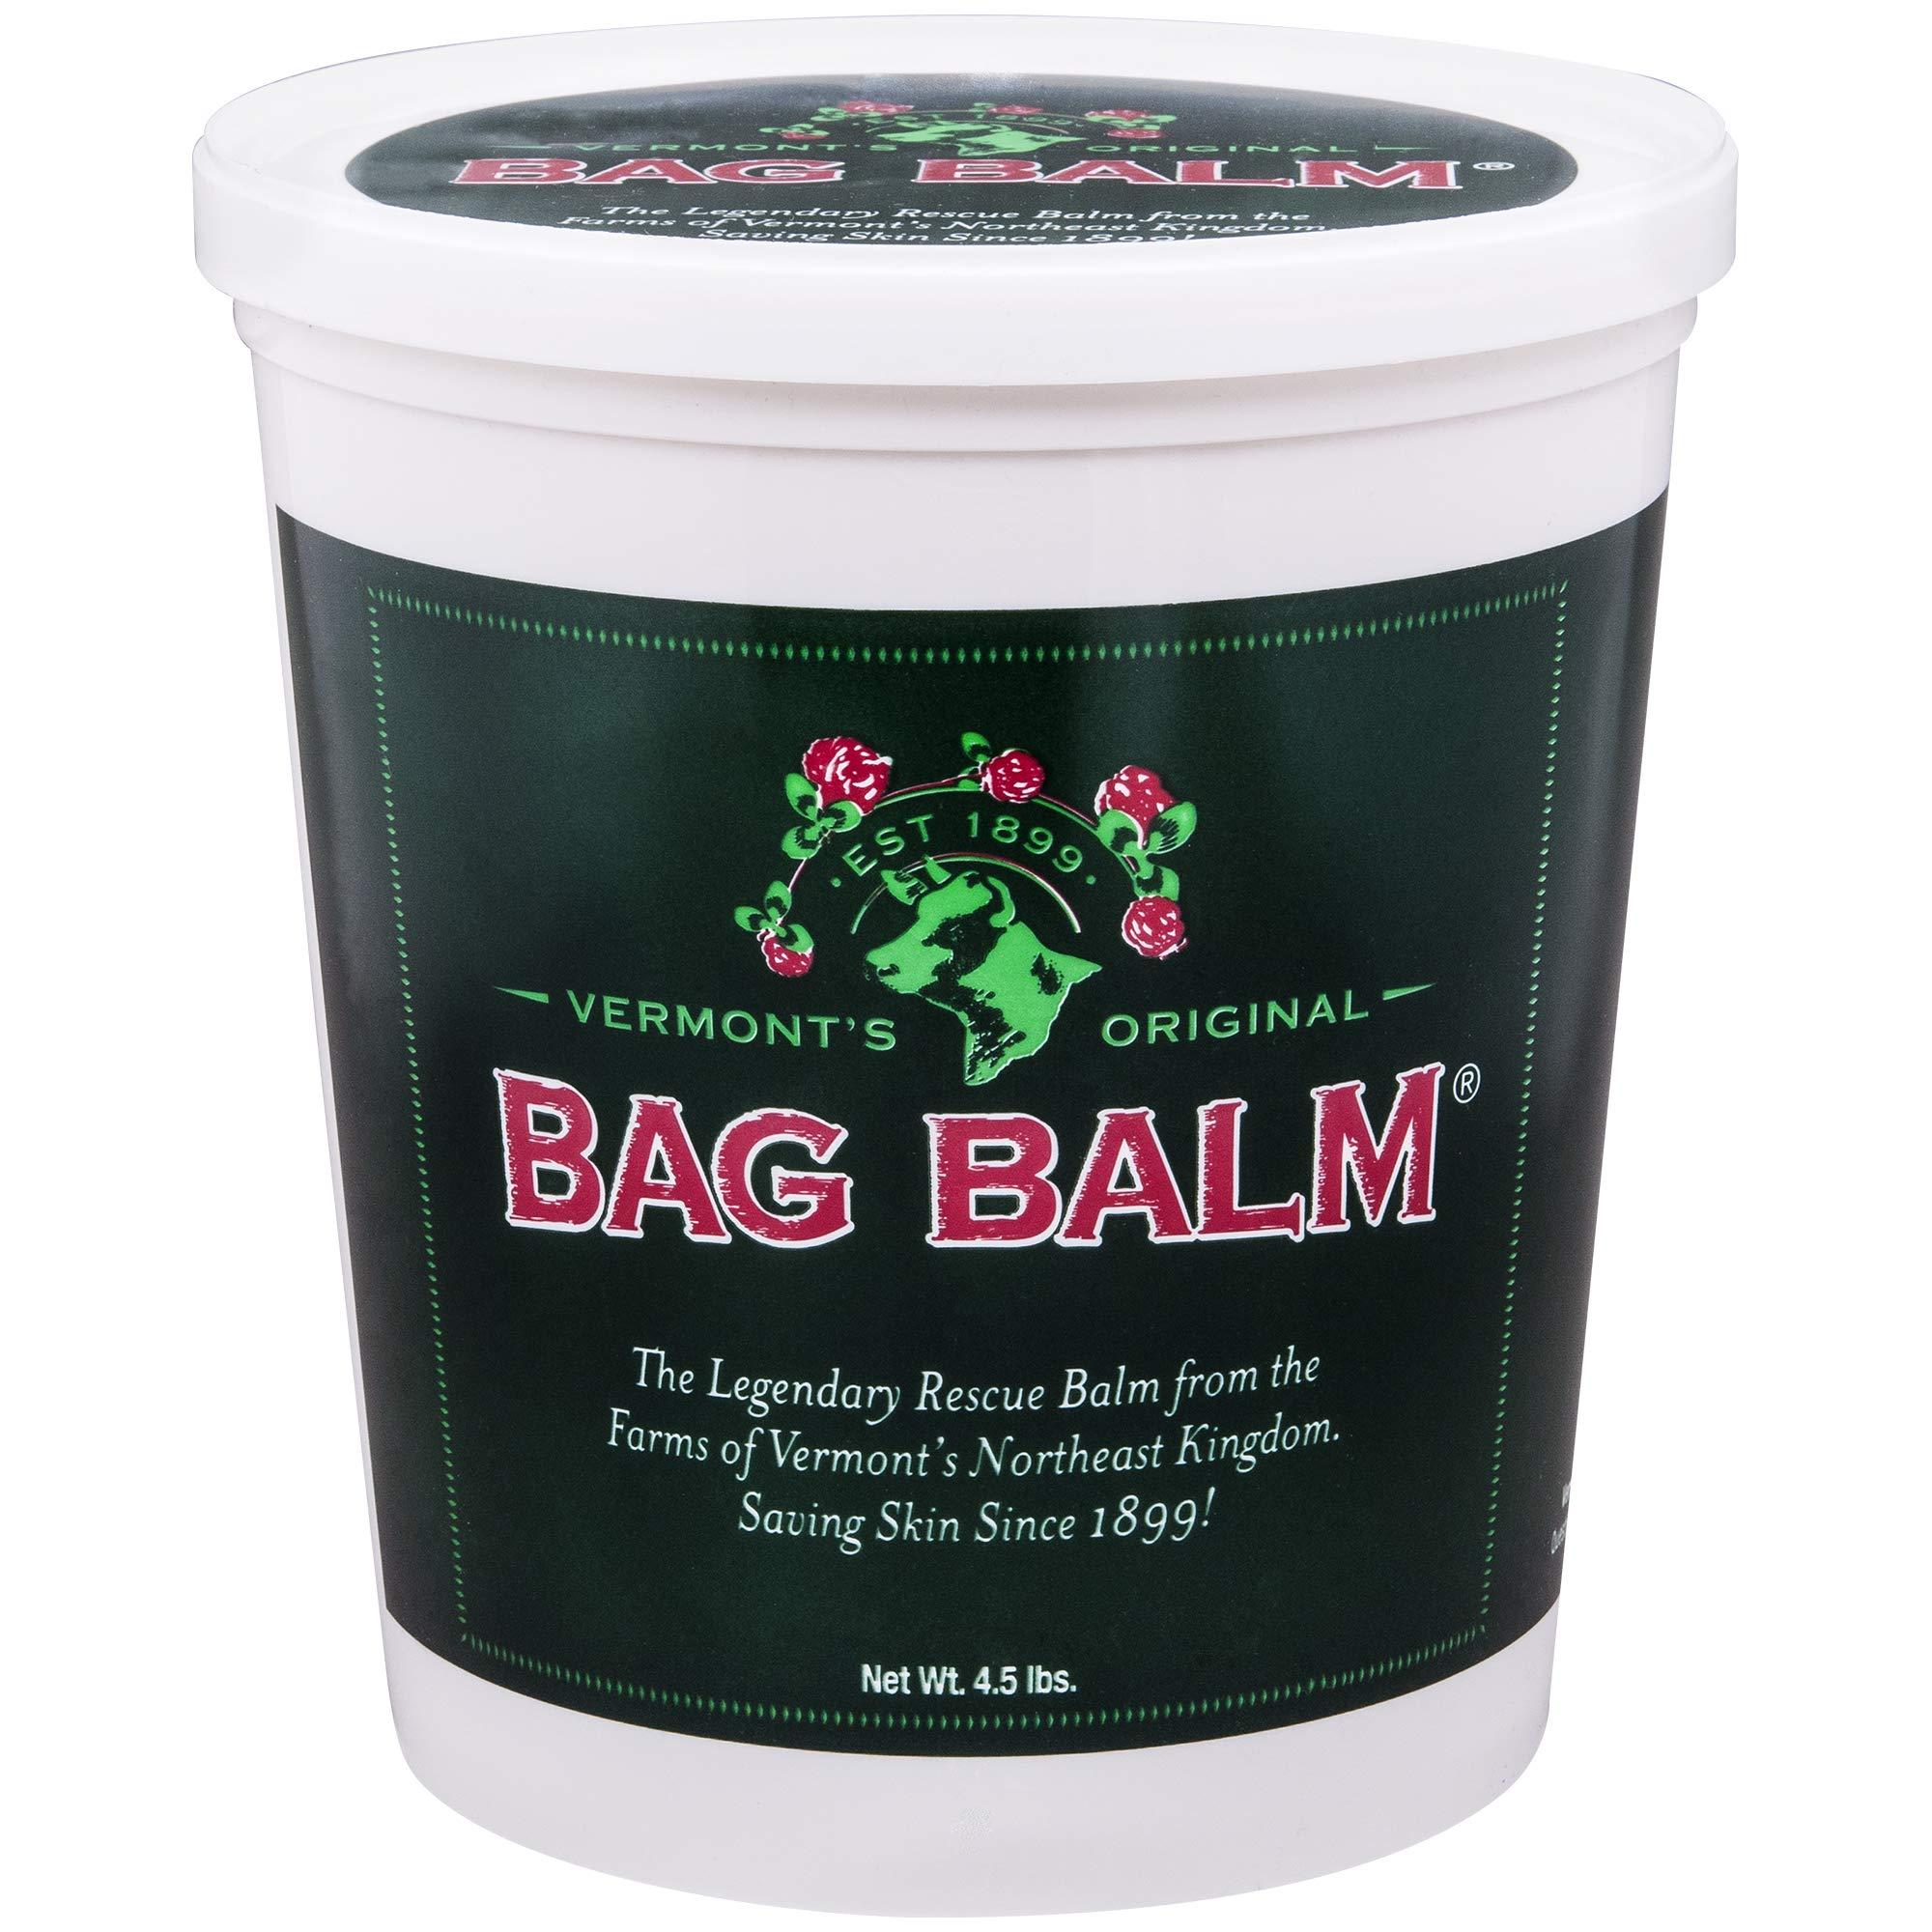 Vermont's Original Bag Balm Ointment 4.5lb Pail by Dairy Association